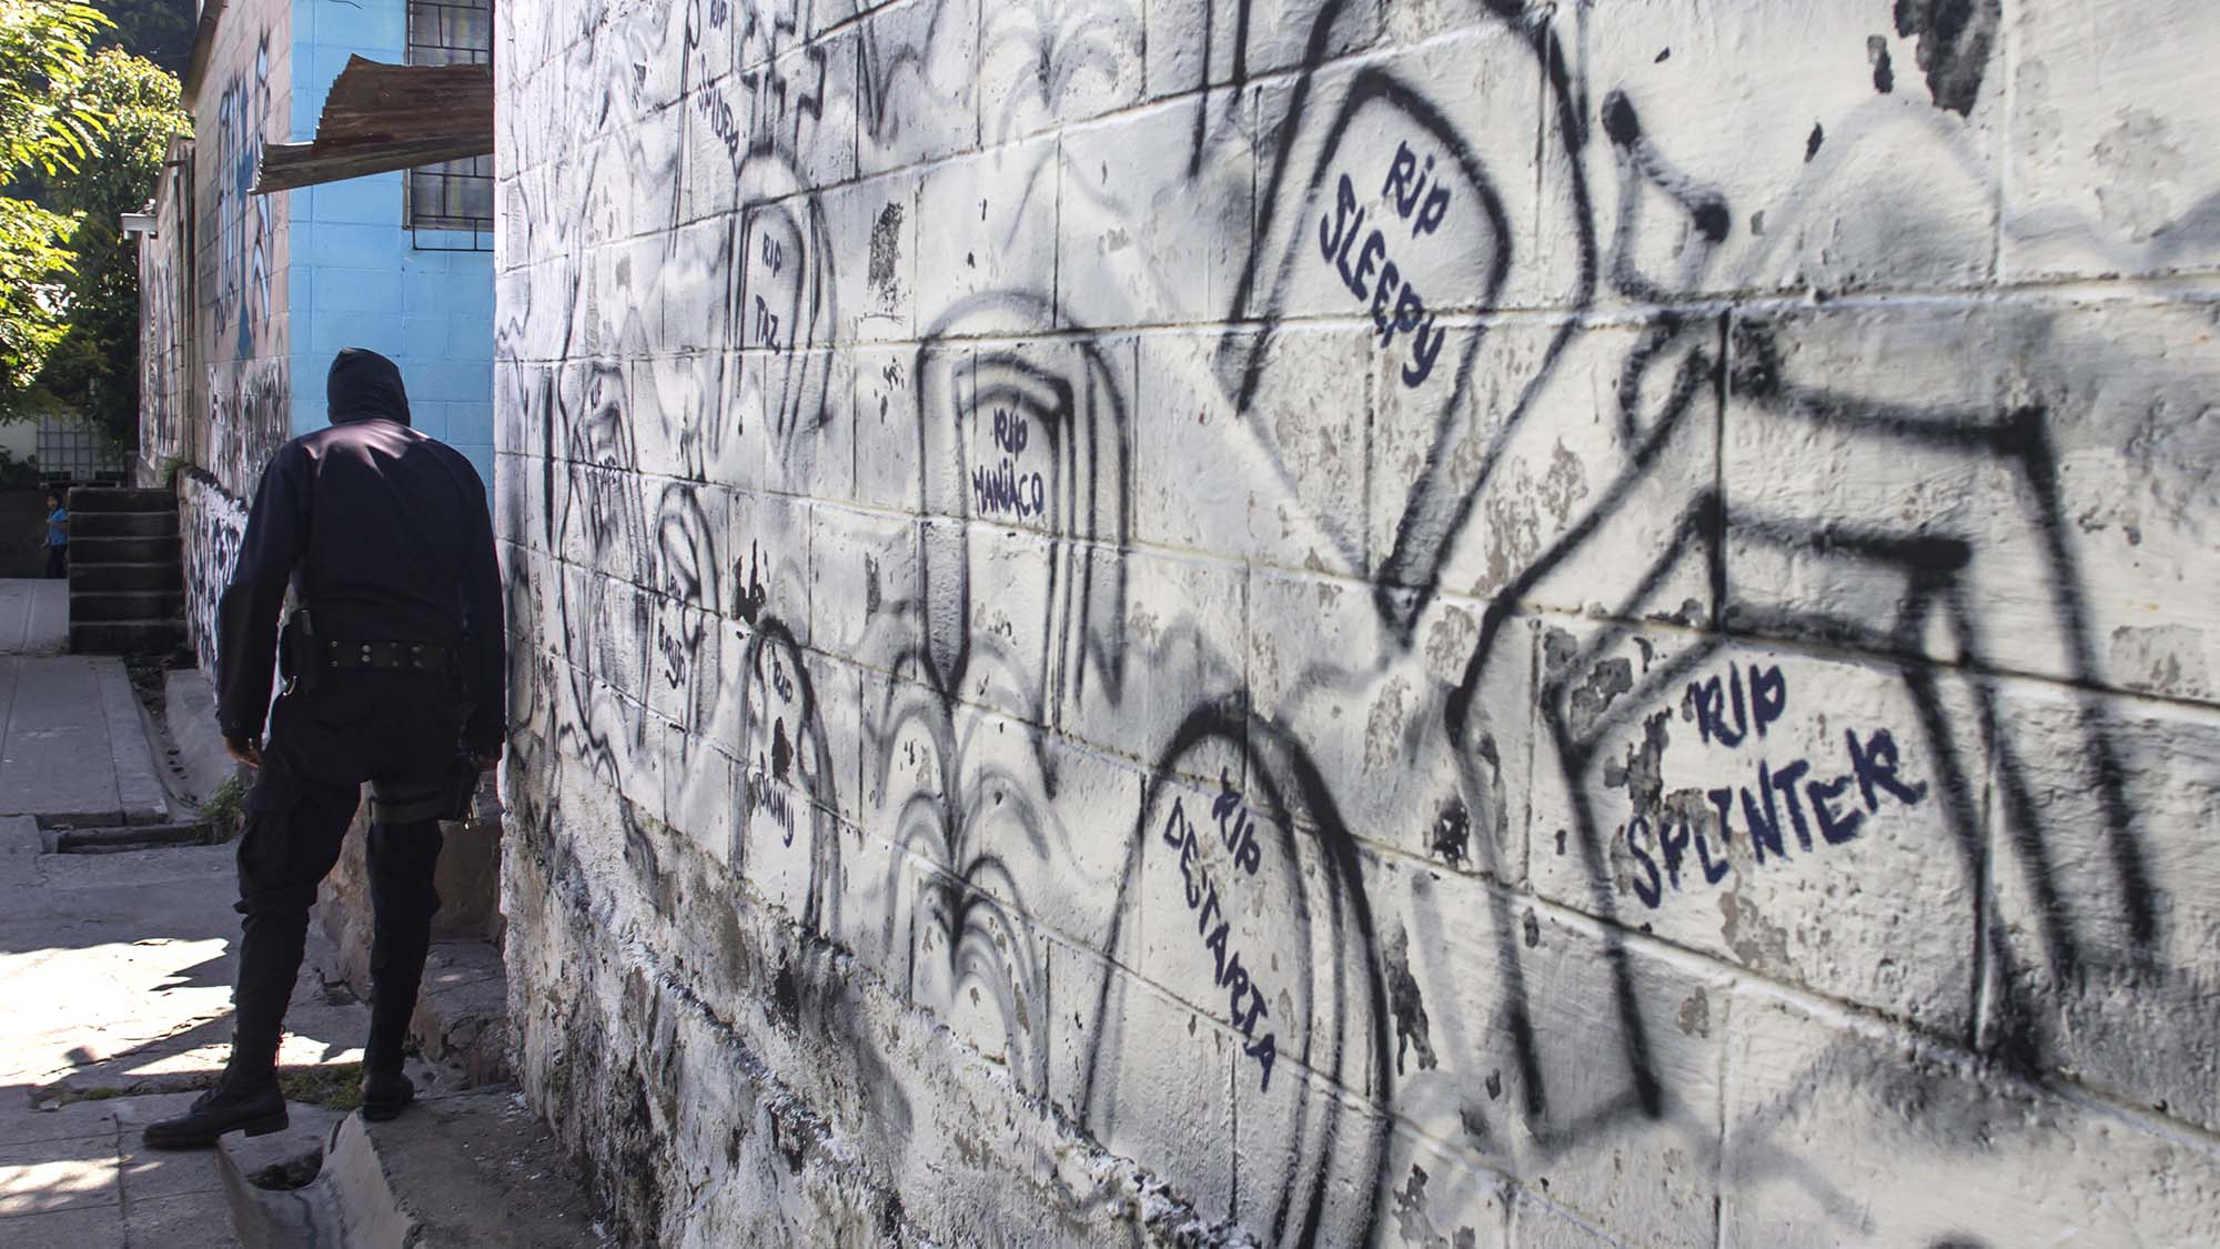 Los salvadoreños que viven confinados por el miedo